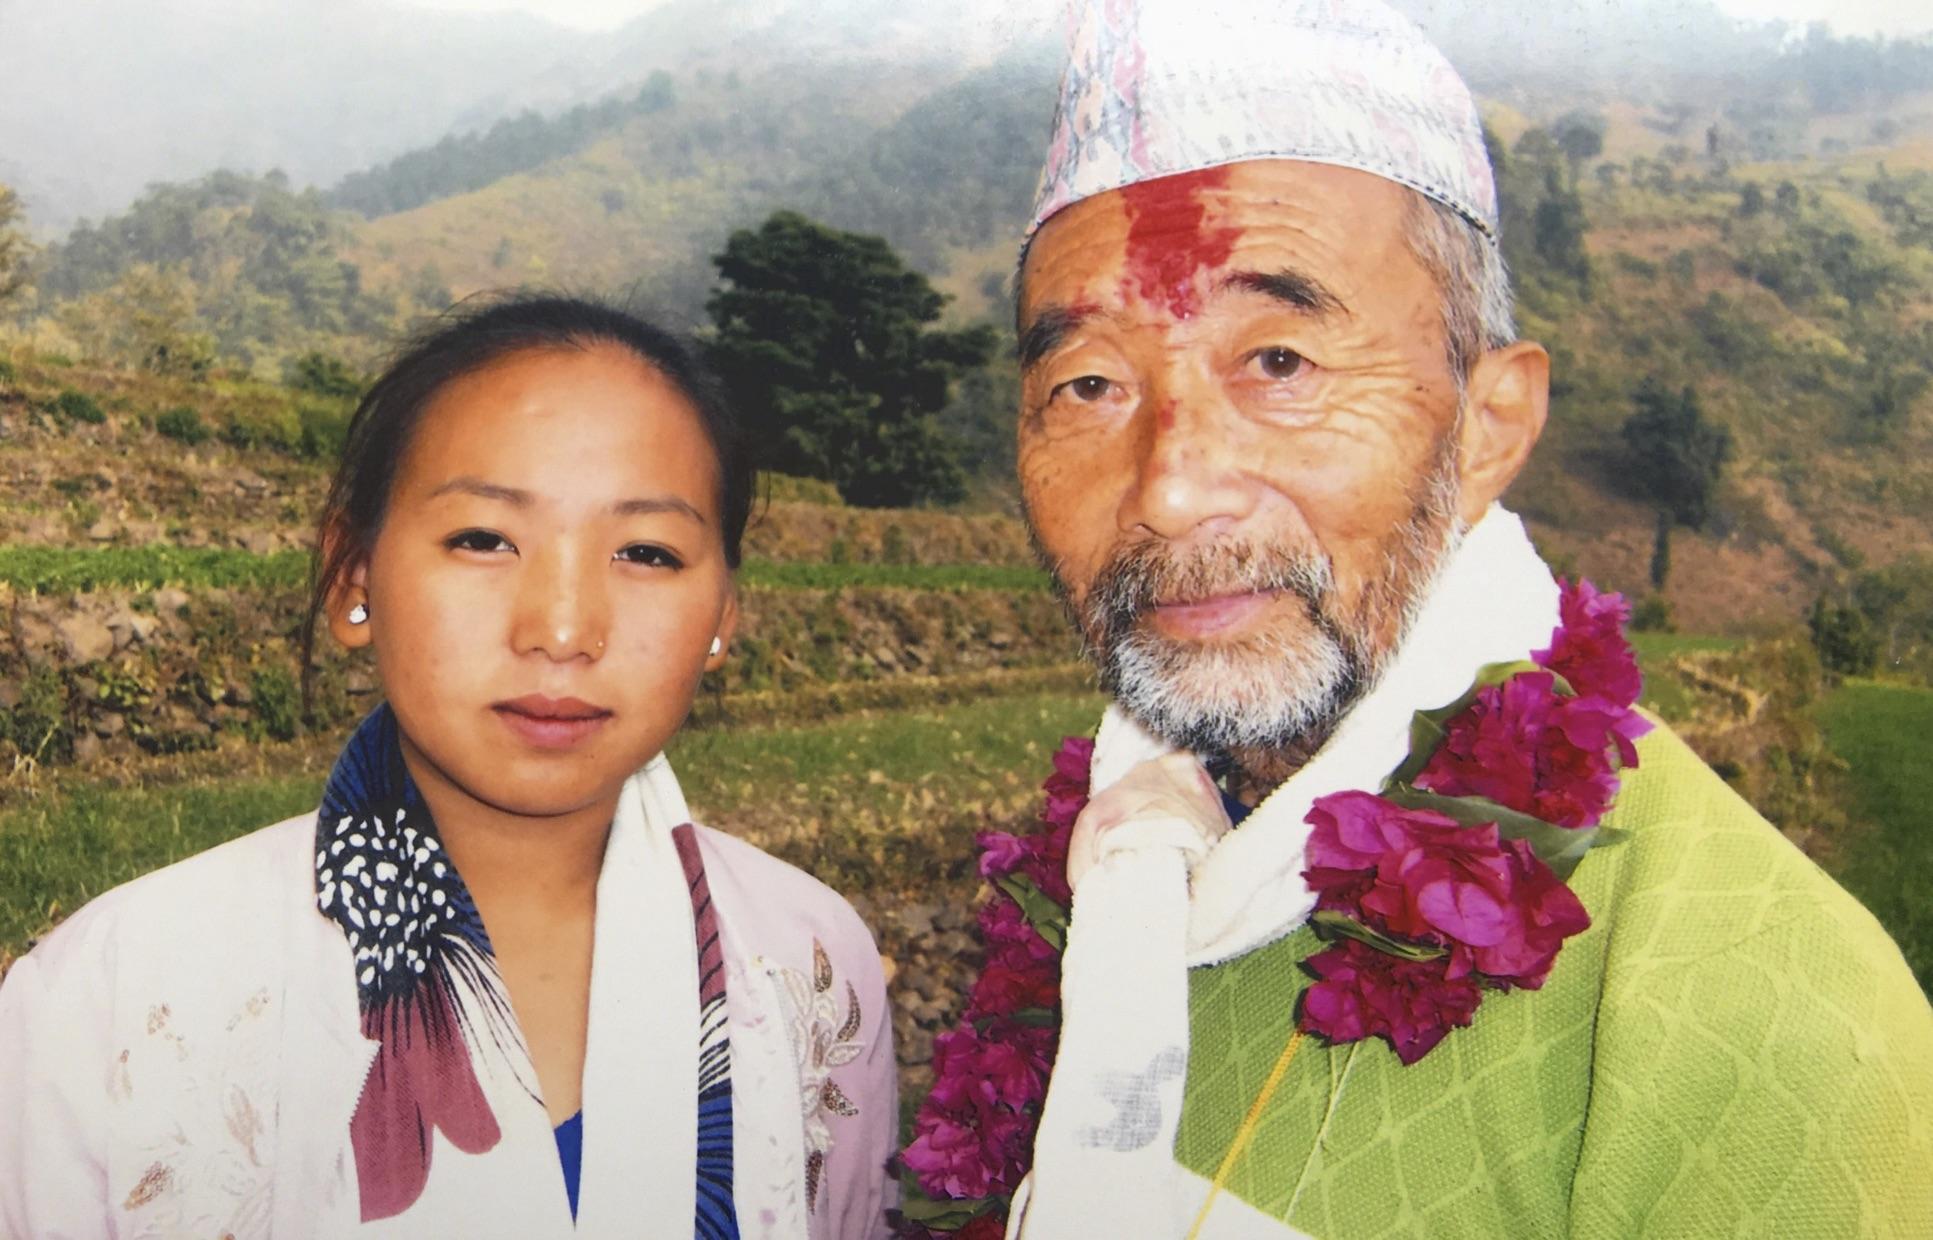 Dan Maya Khanghaさんと 2017.12.23 ラベダマール村で